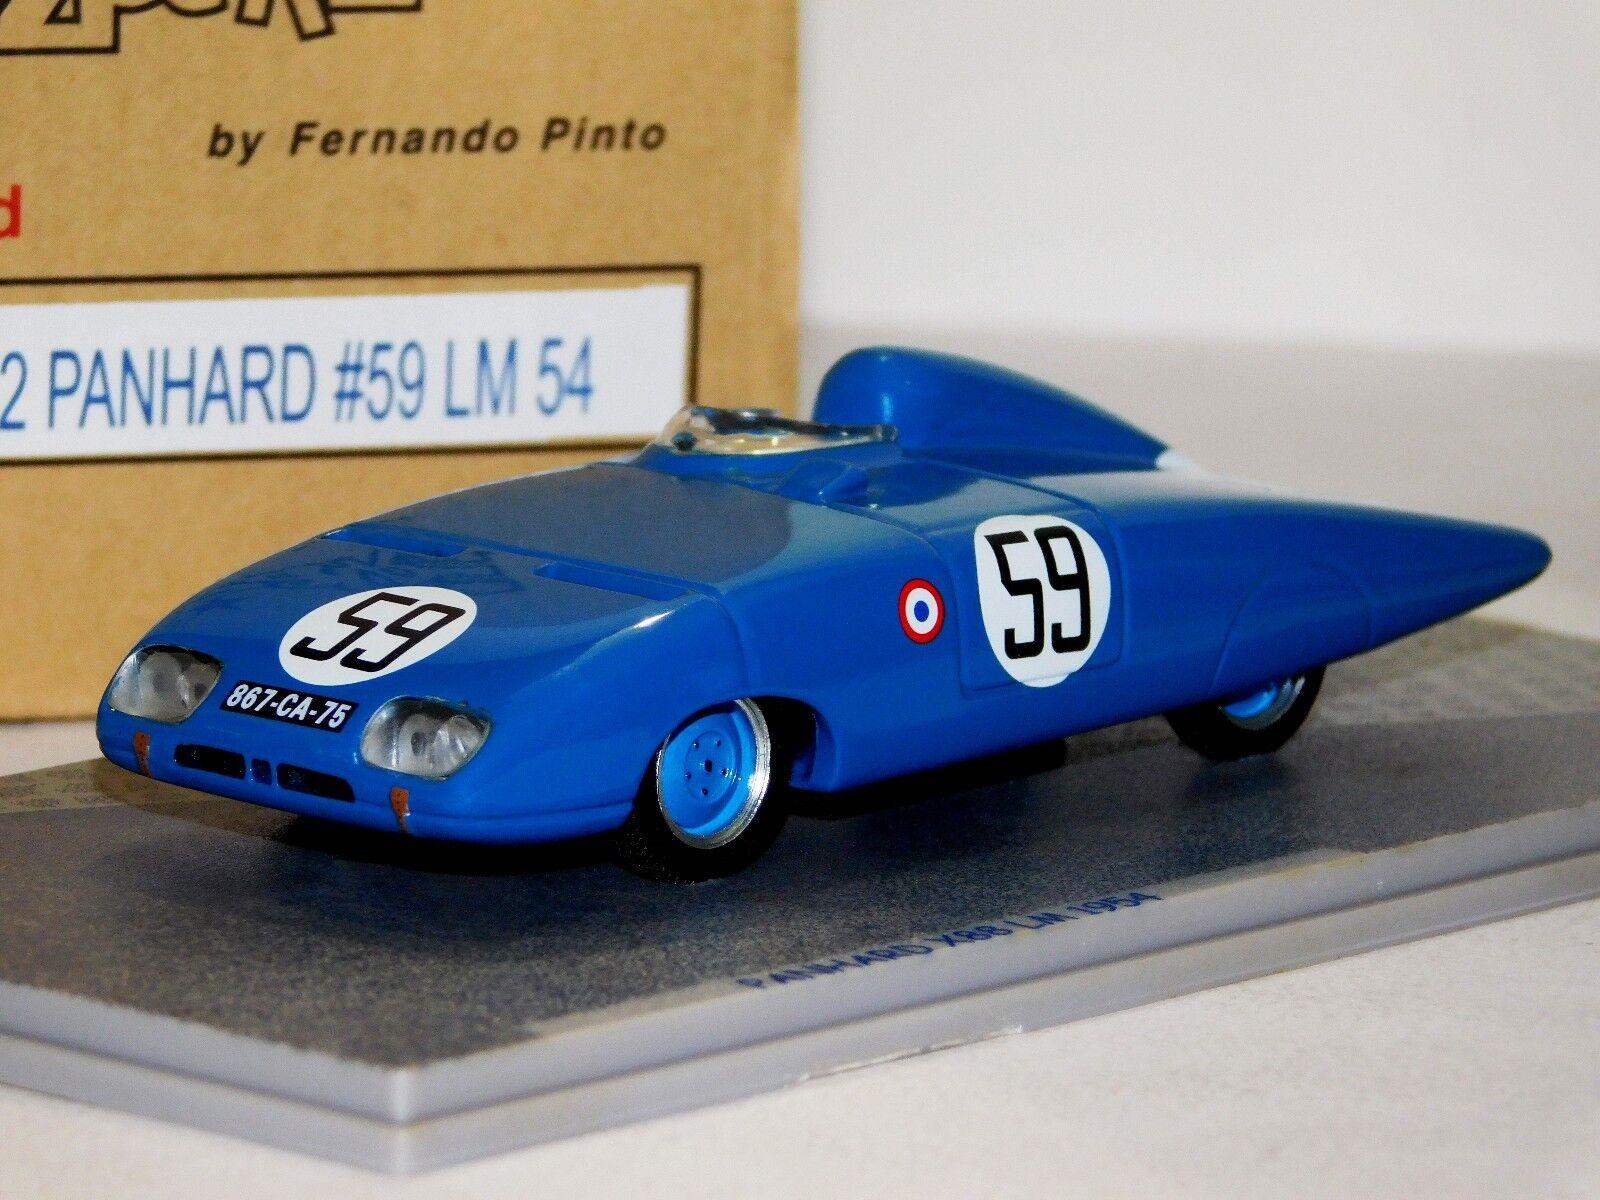 PANHARD LE MANS 1954 BIZARRE BZ62 1 43